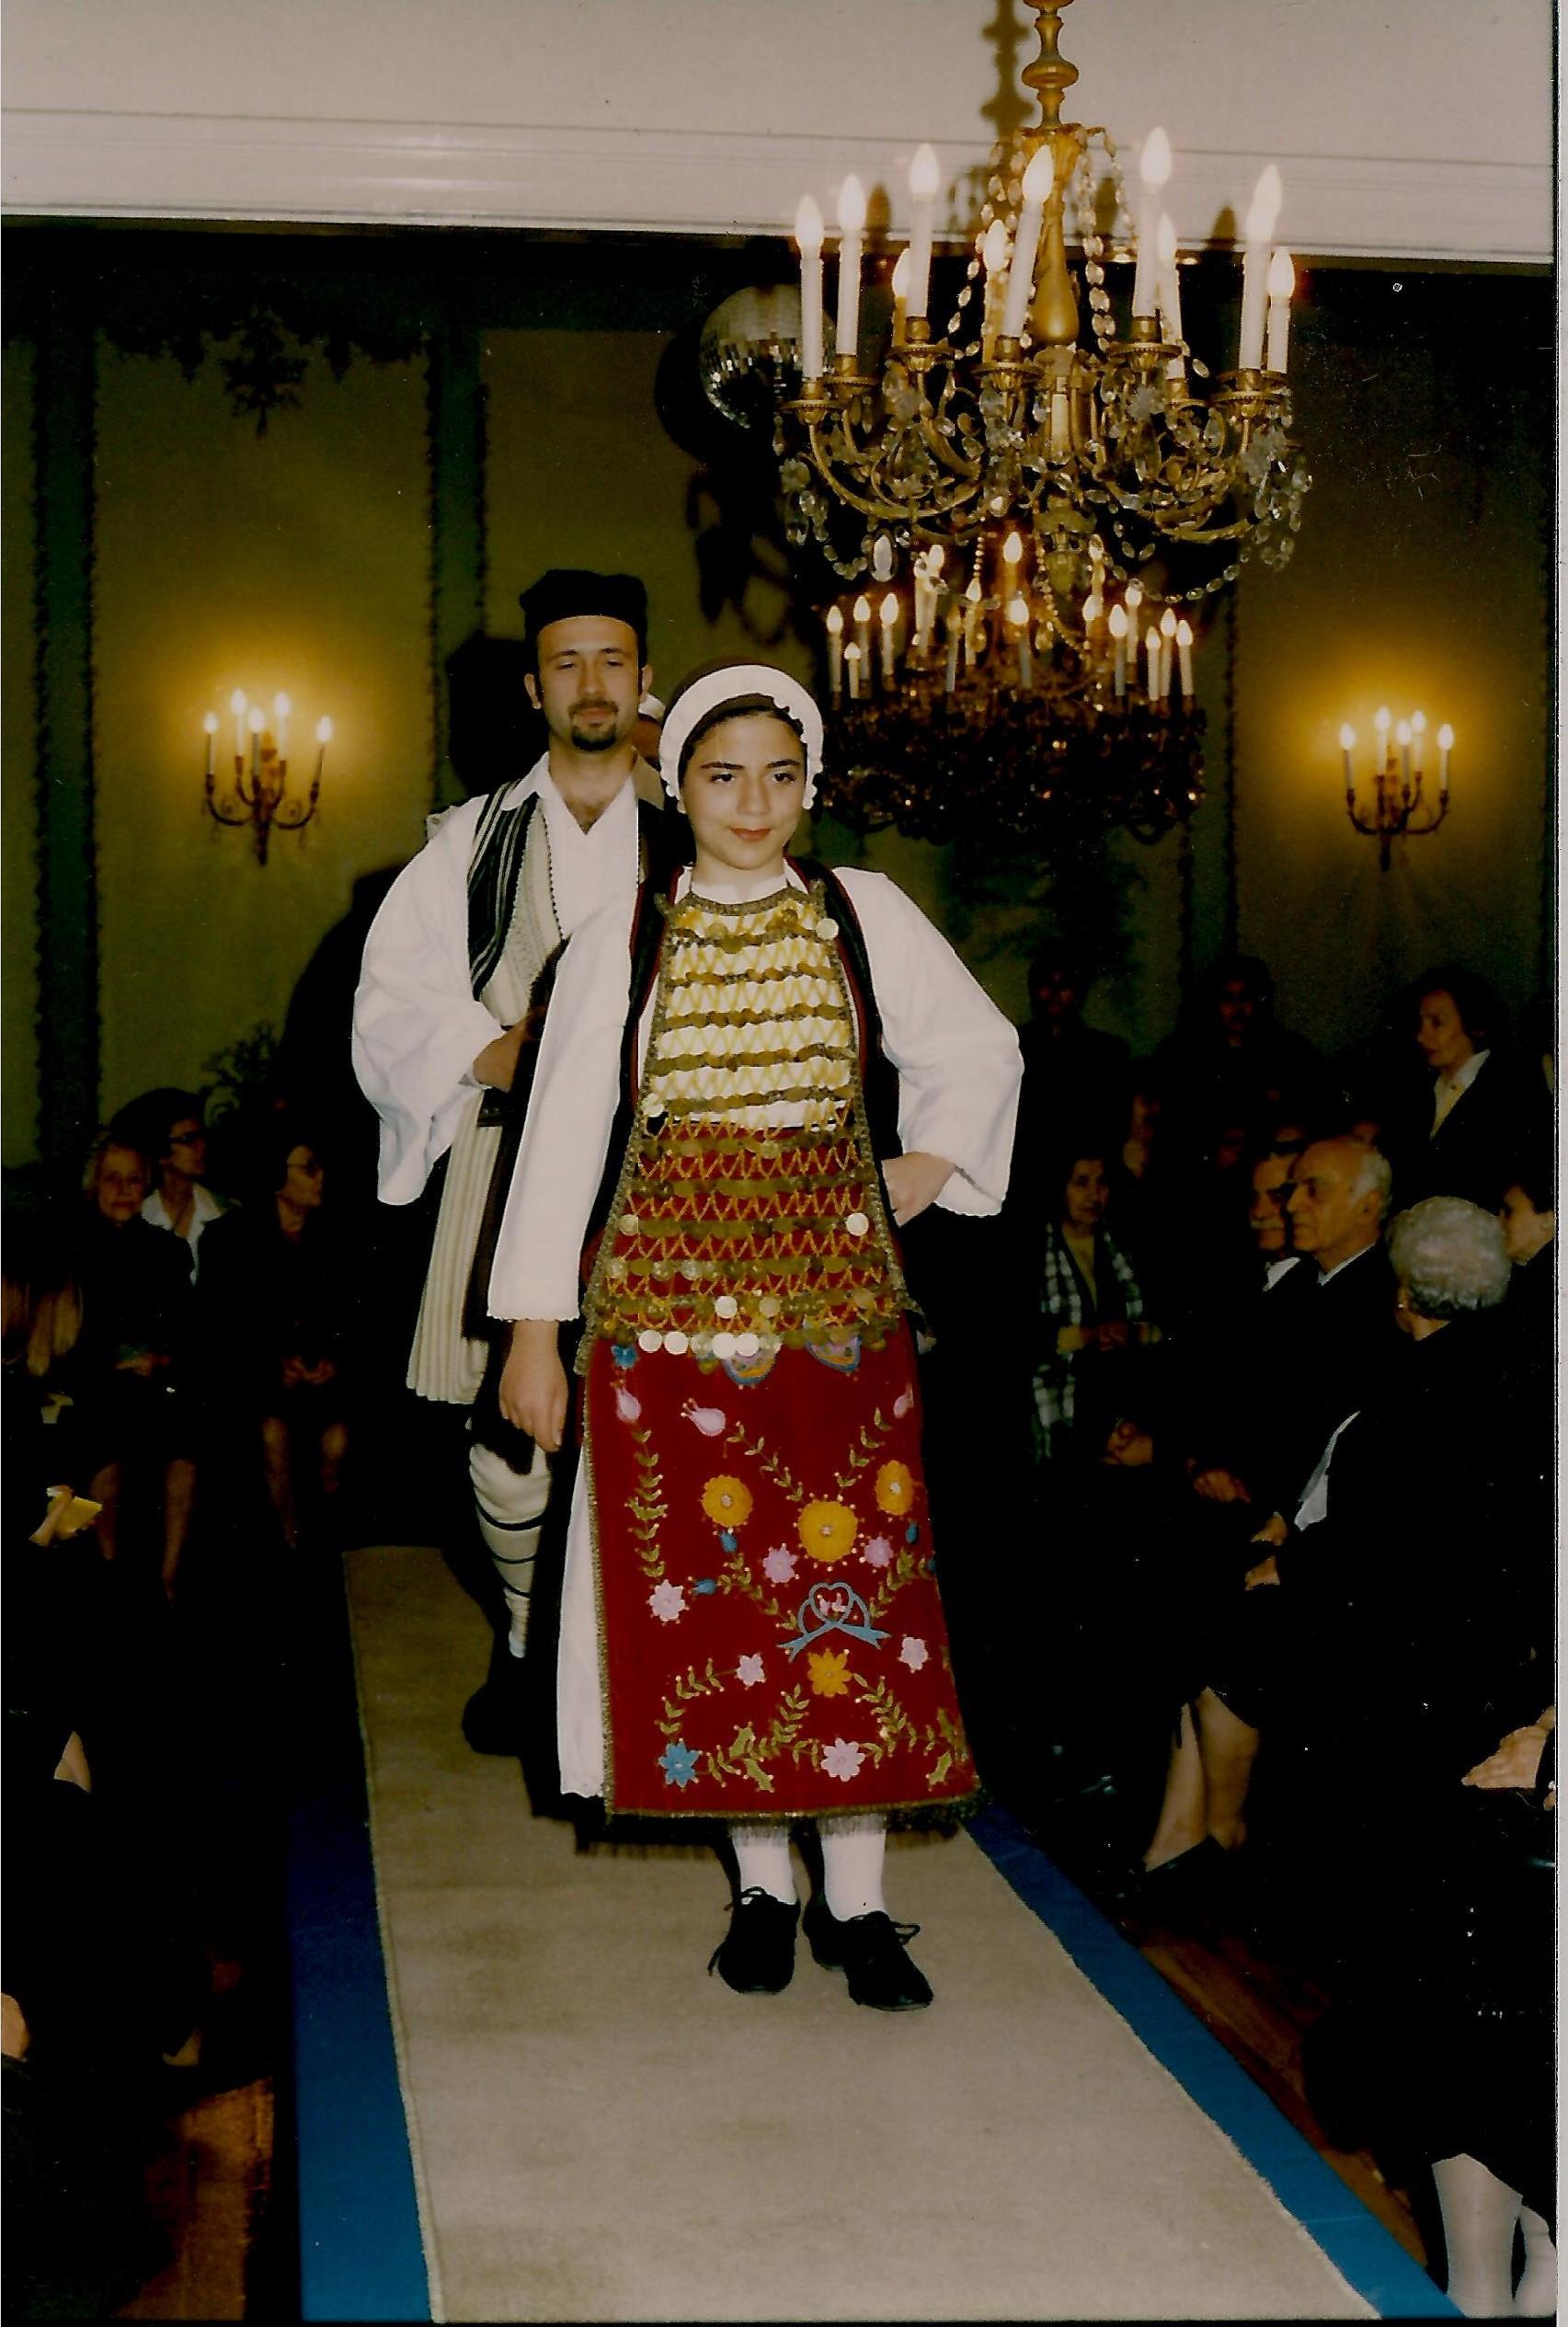 Αταλάντη (Λιβανάτες) Φθιώτιδας